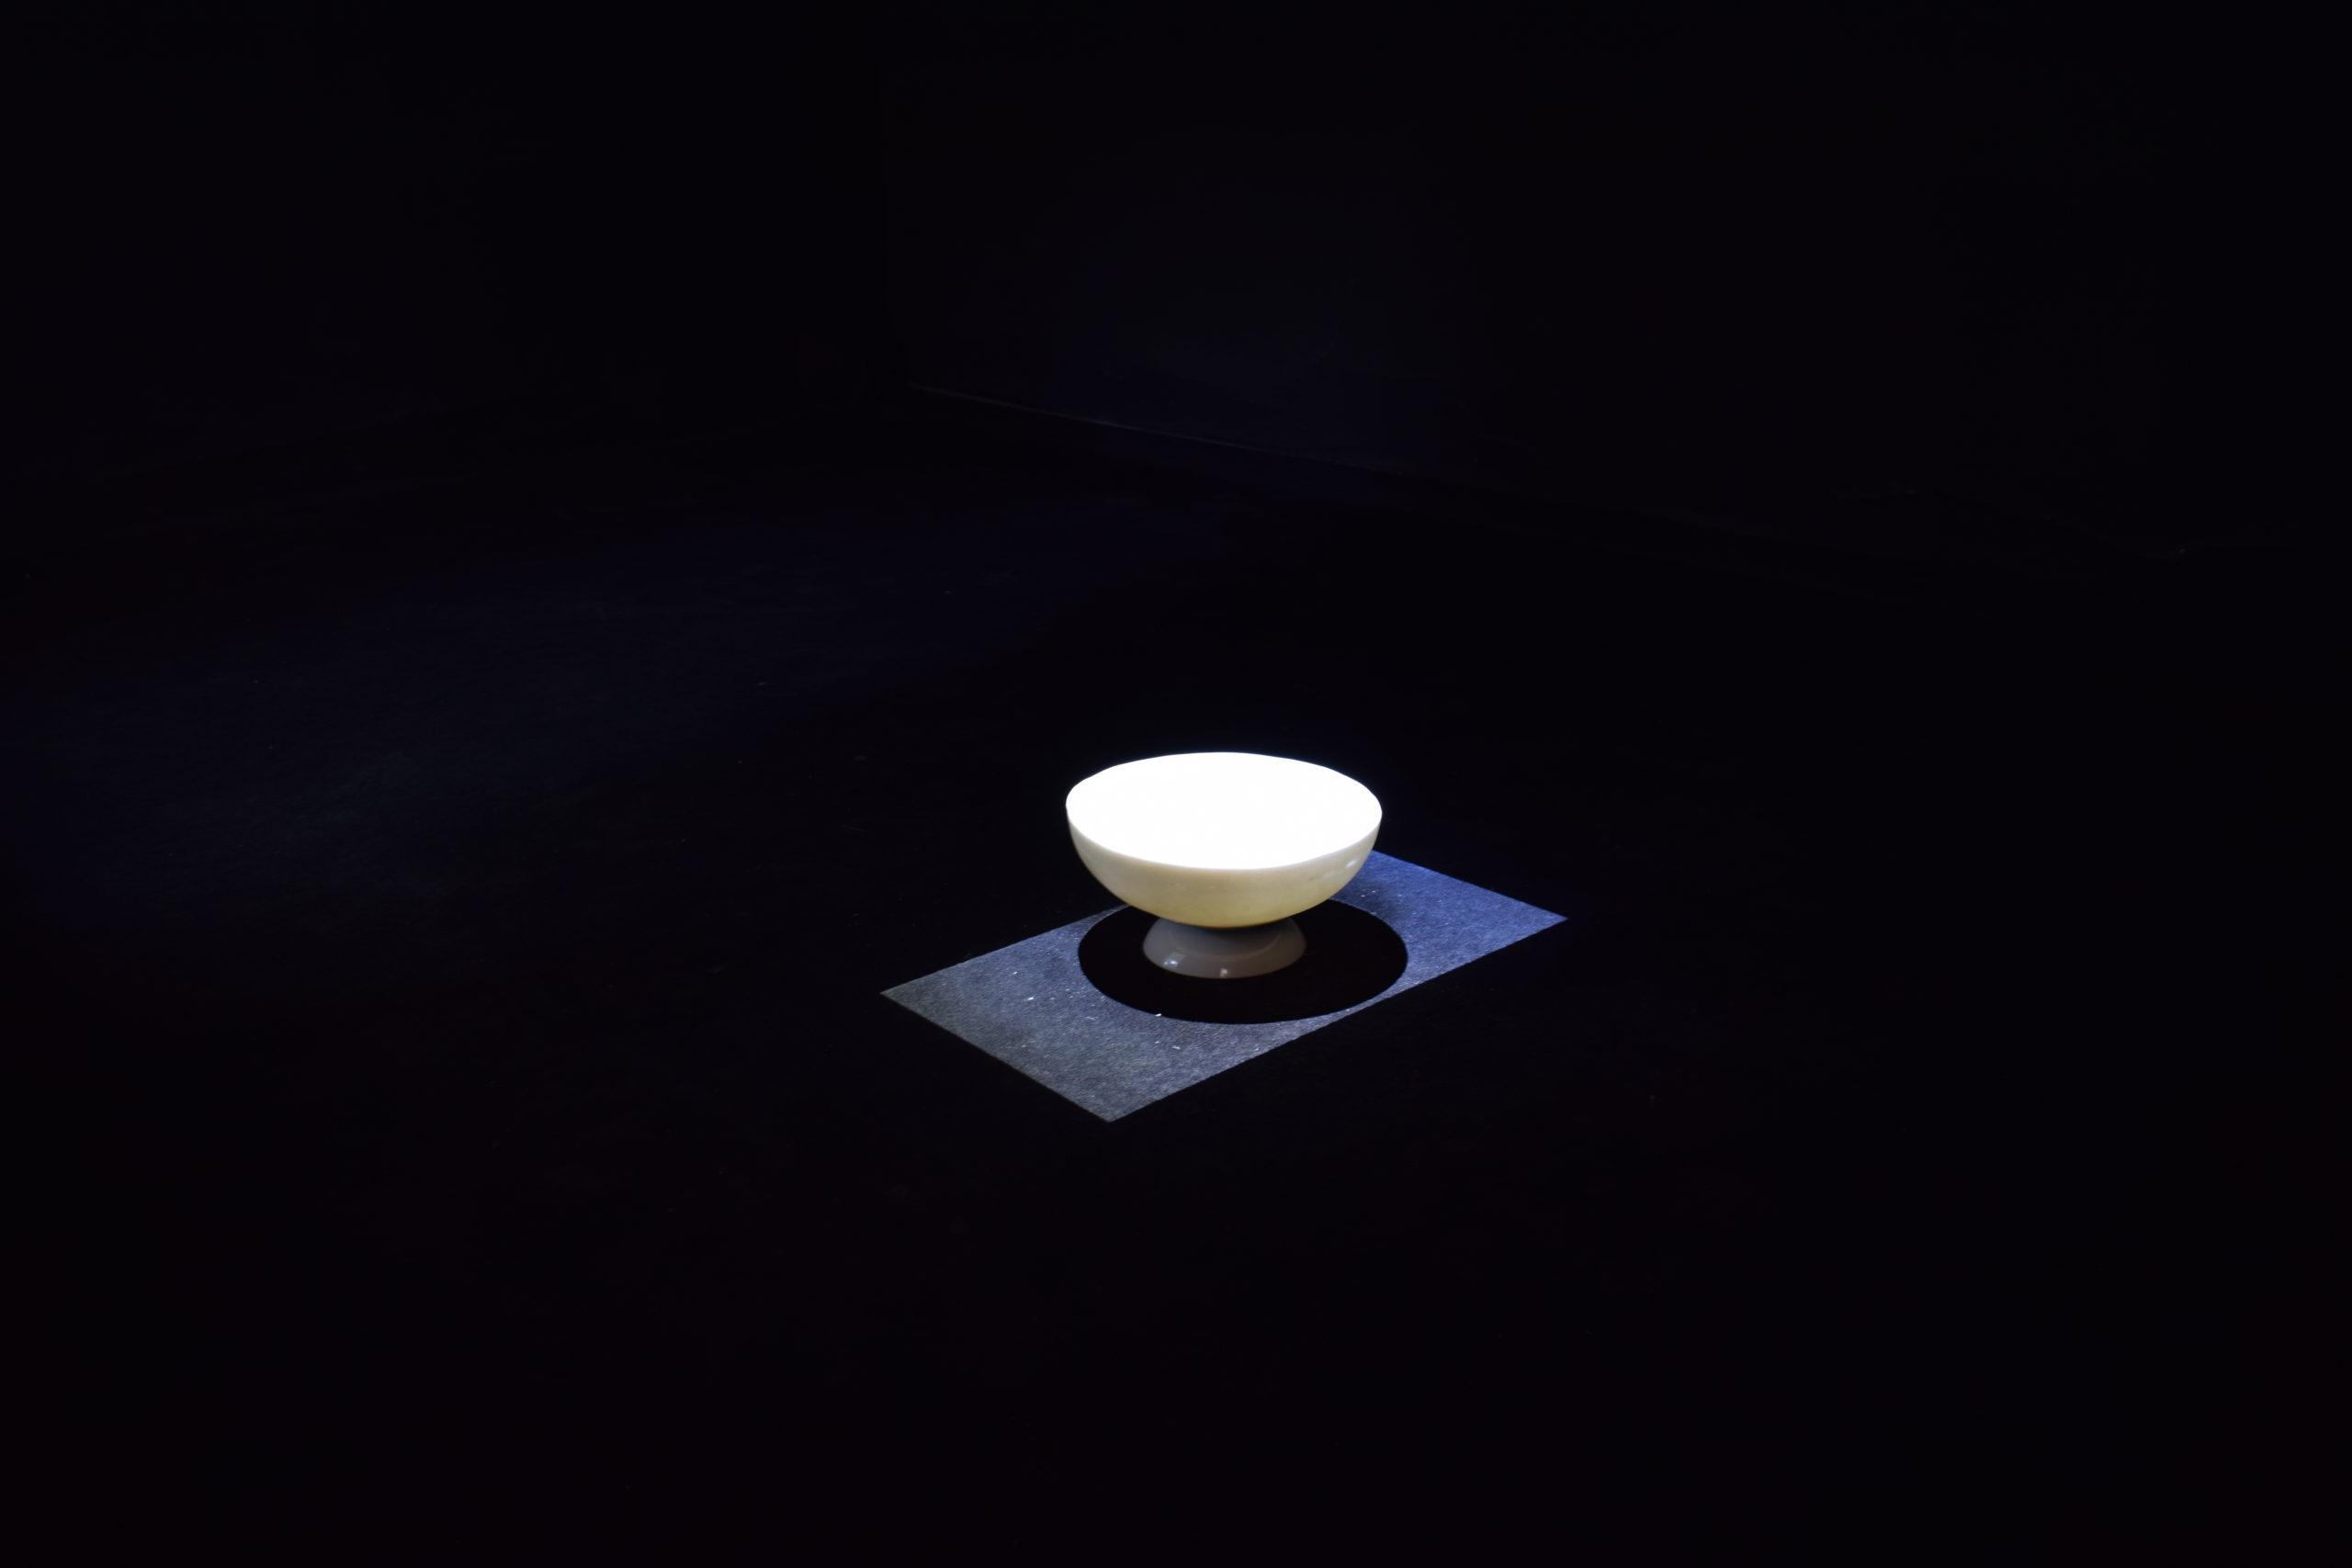 Flore Saunois, L'intervalle (présent continu), 2019, dimensions variables, vidéo, son (30', projetée en boucle), savon, Vidéo d'un filet d'eau.